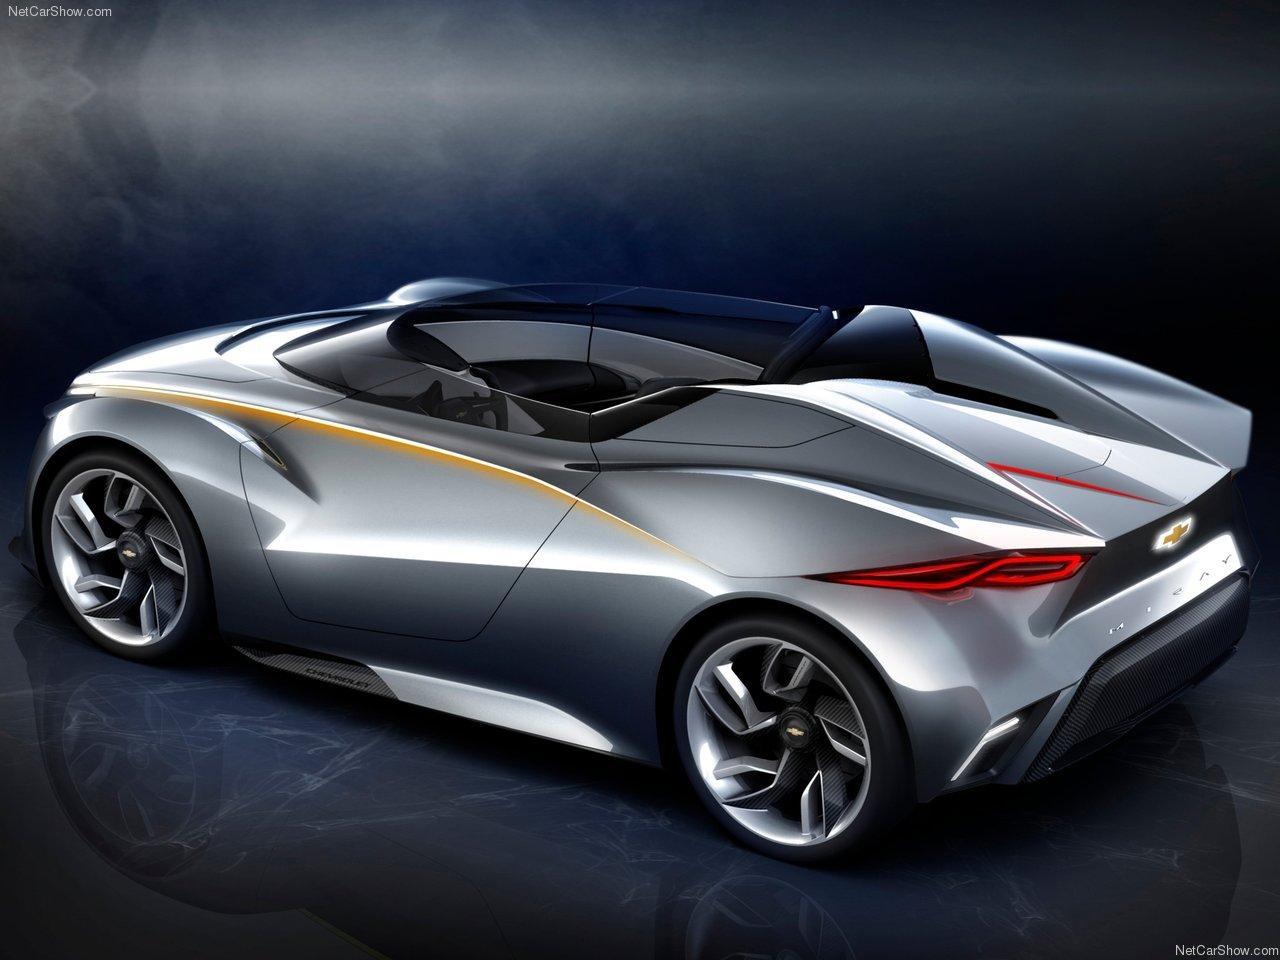 http://4.bp.blogspot.com/-RClQdZ1V7vU/Ta1iz3LFj2I/AAAAAAAAOYA/mq7iMzZohBw/s1600/Chevrolet-Miray_Concept_2011_1280x960_wallpaper_03.jpg